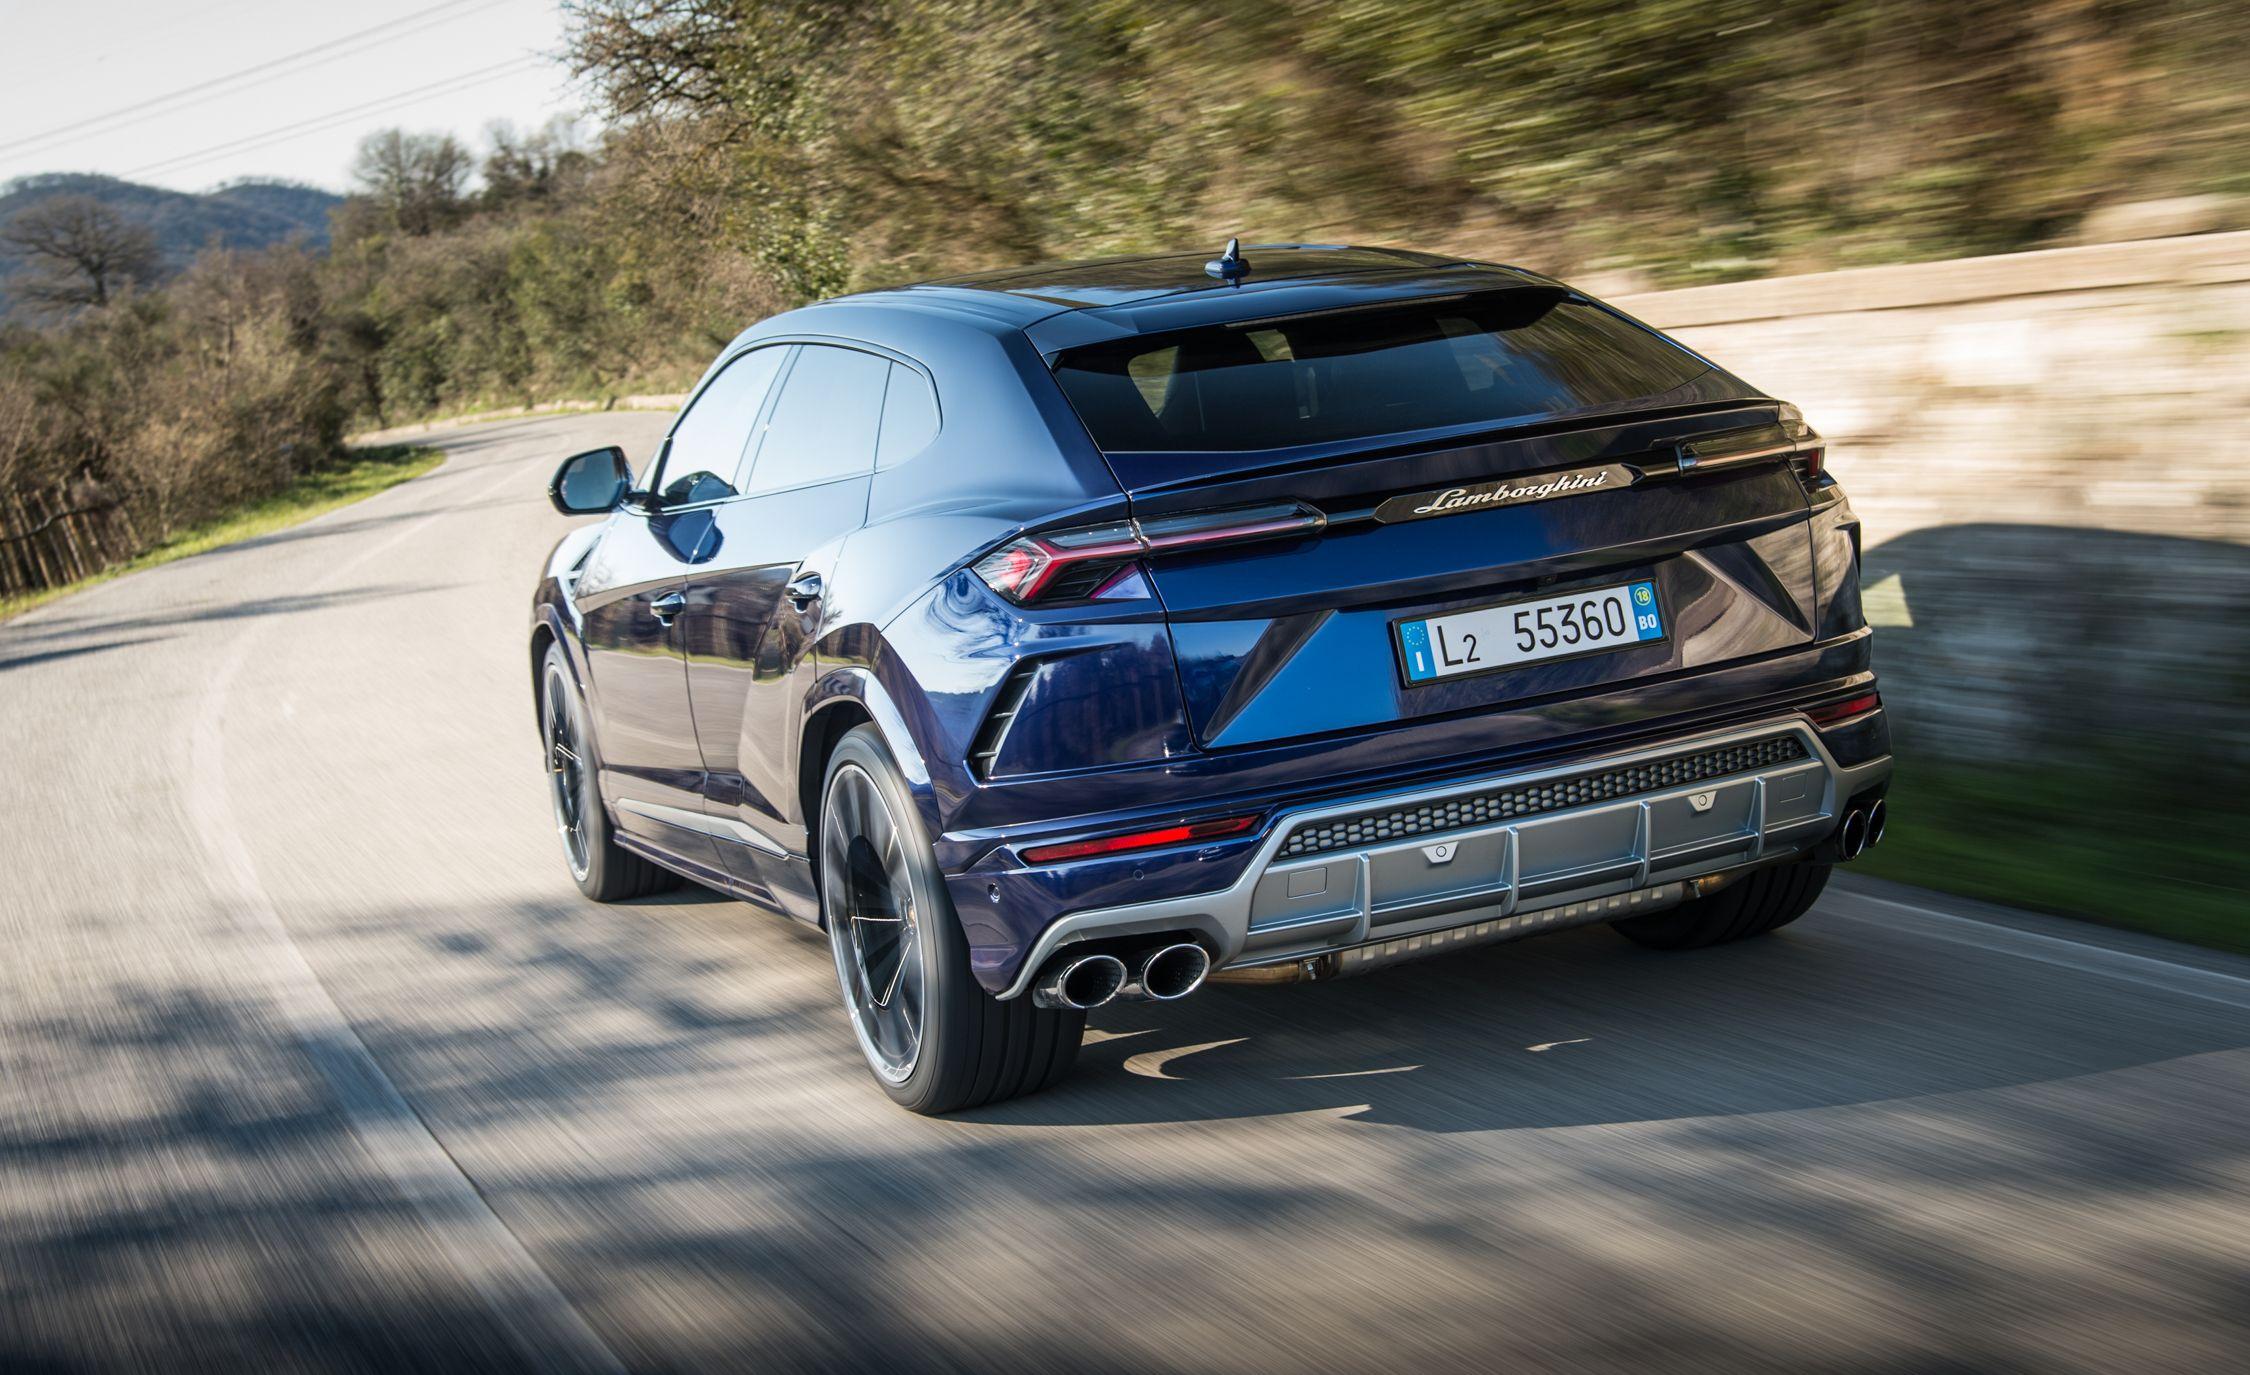 Lamborghini Urus Reviews | Lamborghini Urus Price, Photos, and Specs ...